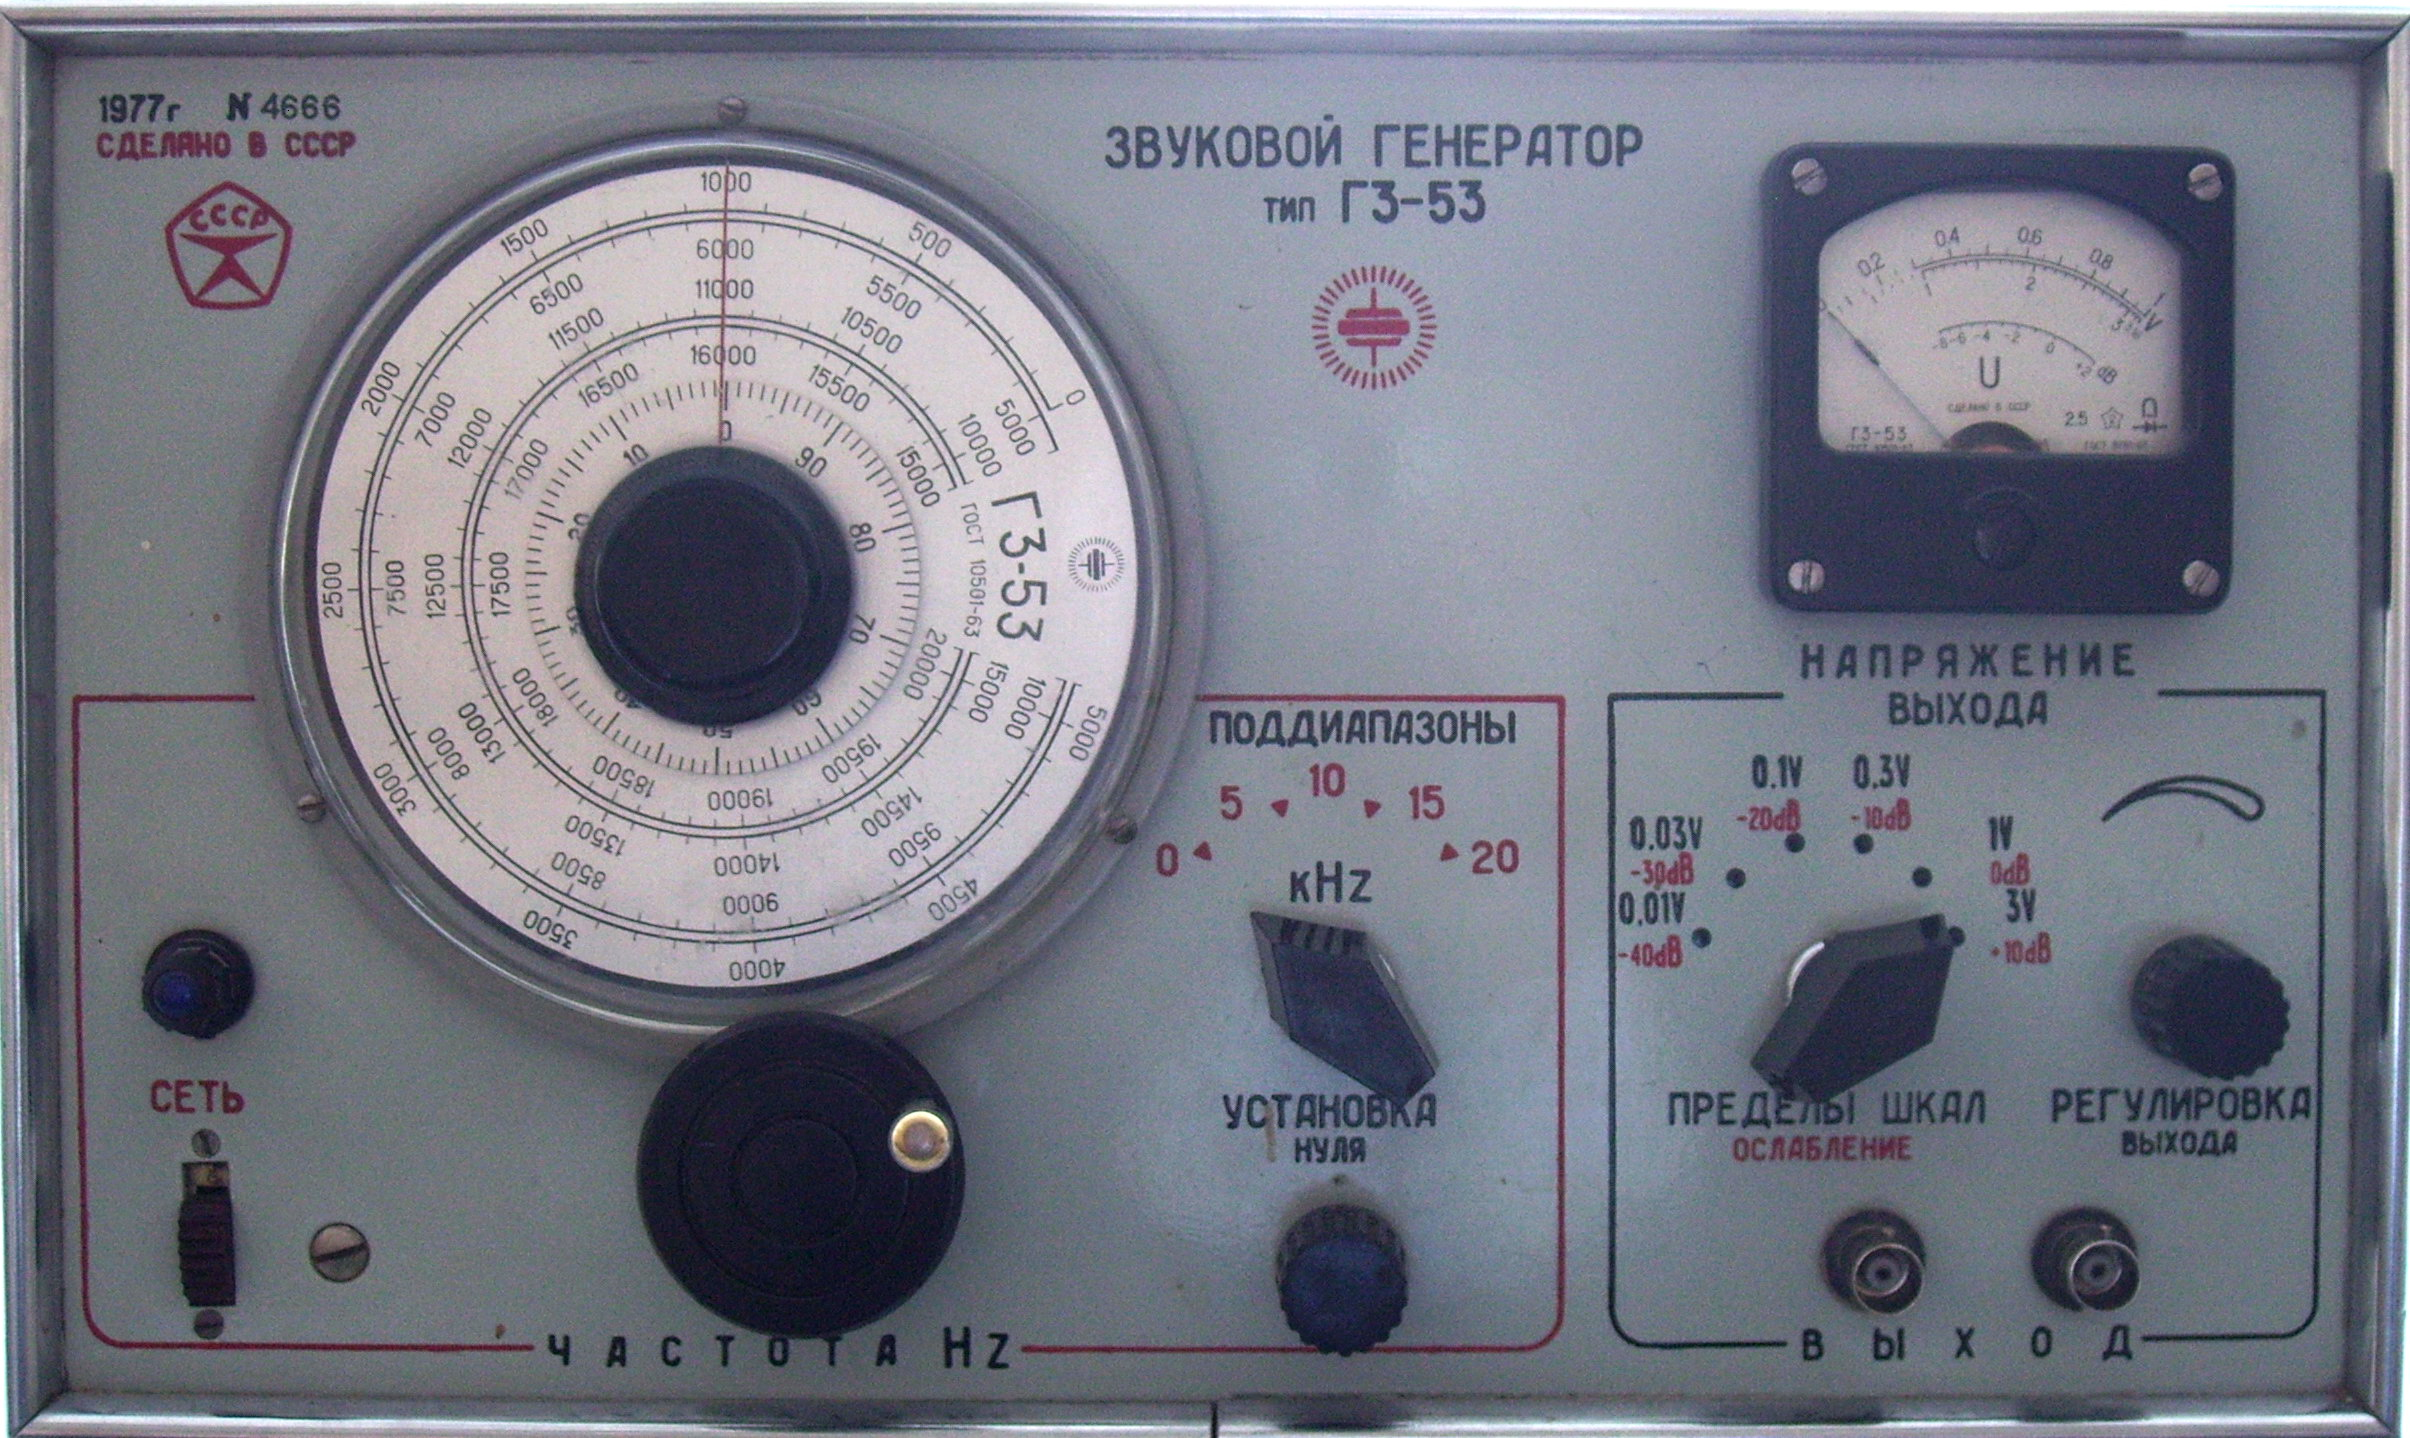 Схема звукового генератора инфранизкой частоты5